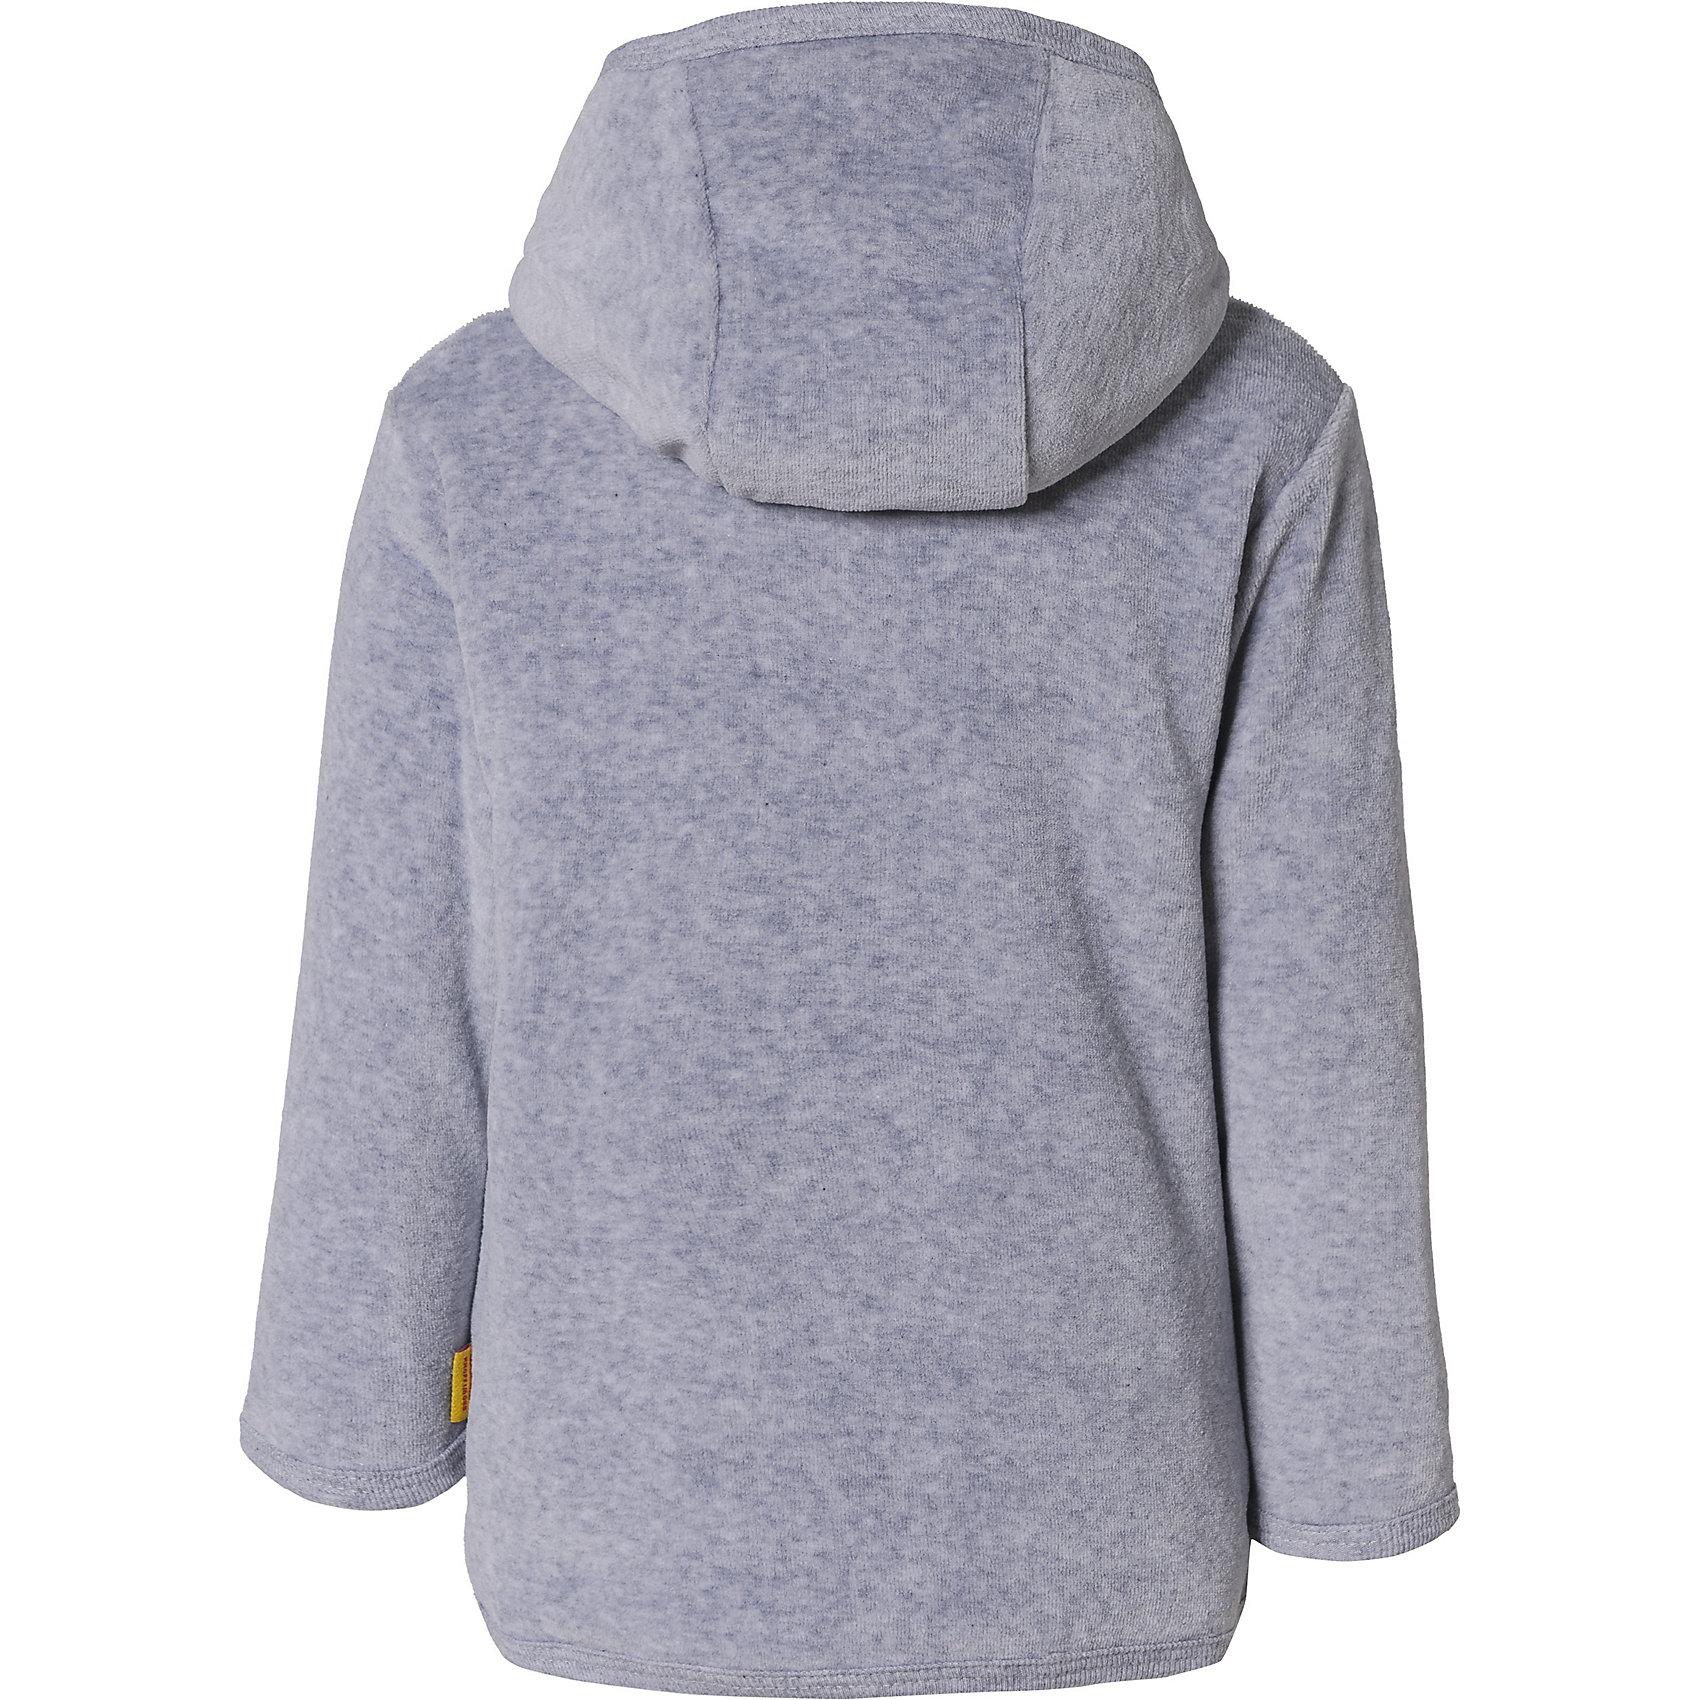 Neu Steiff Baby Sweatjacke für Jungen 8602845 für Jungen grau